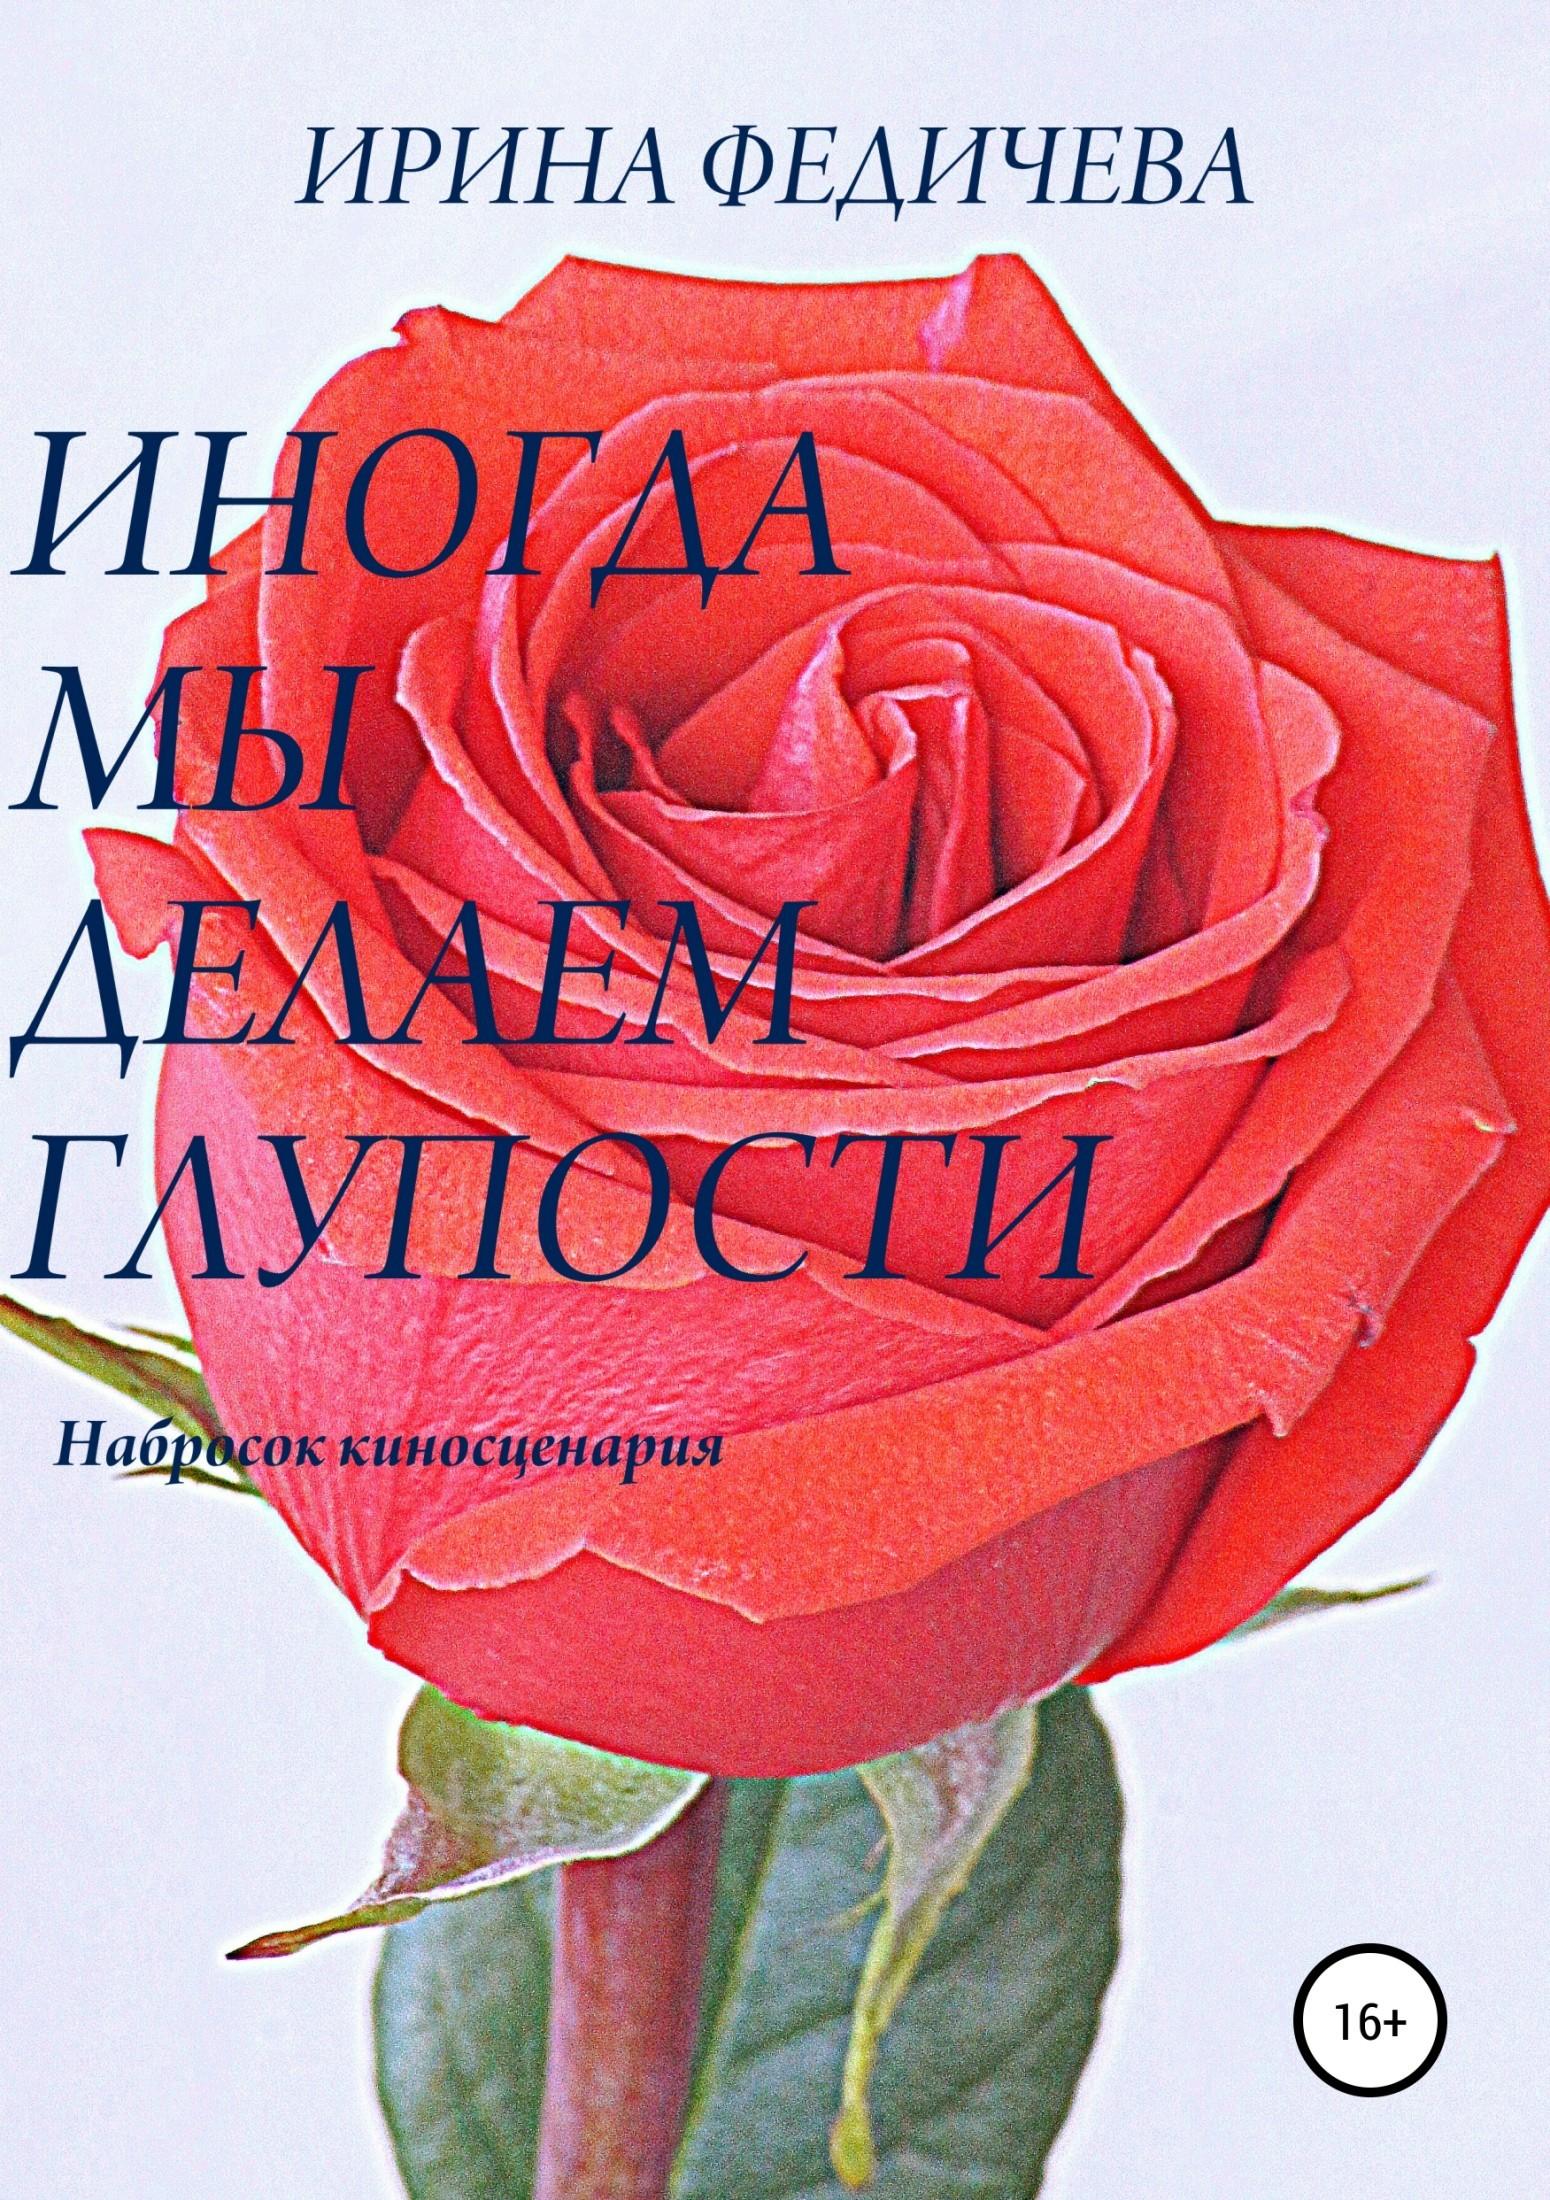 Фото - Ирина Викторовна Федичева Иногда мы делаем глупости ирина федичева придуманная жизнь роман